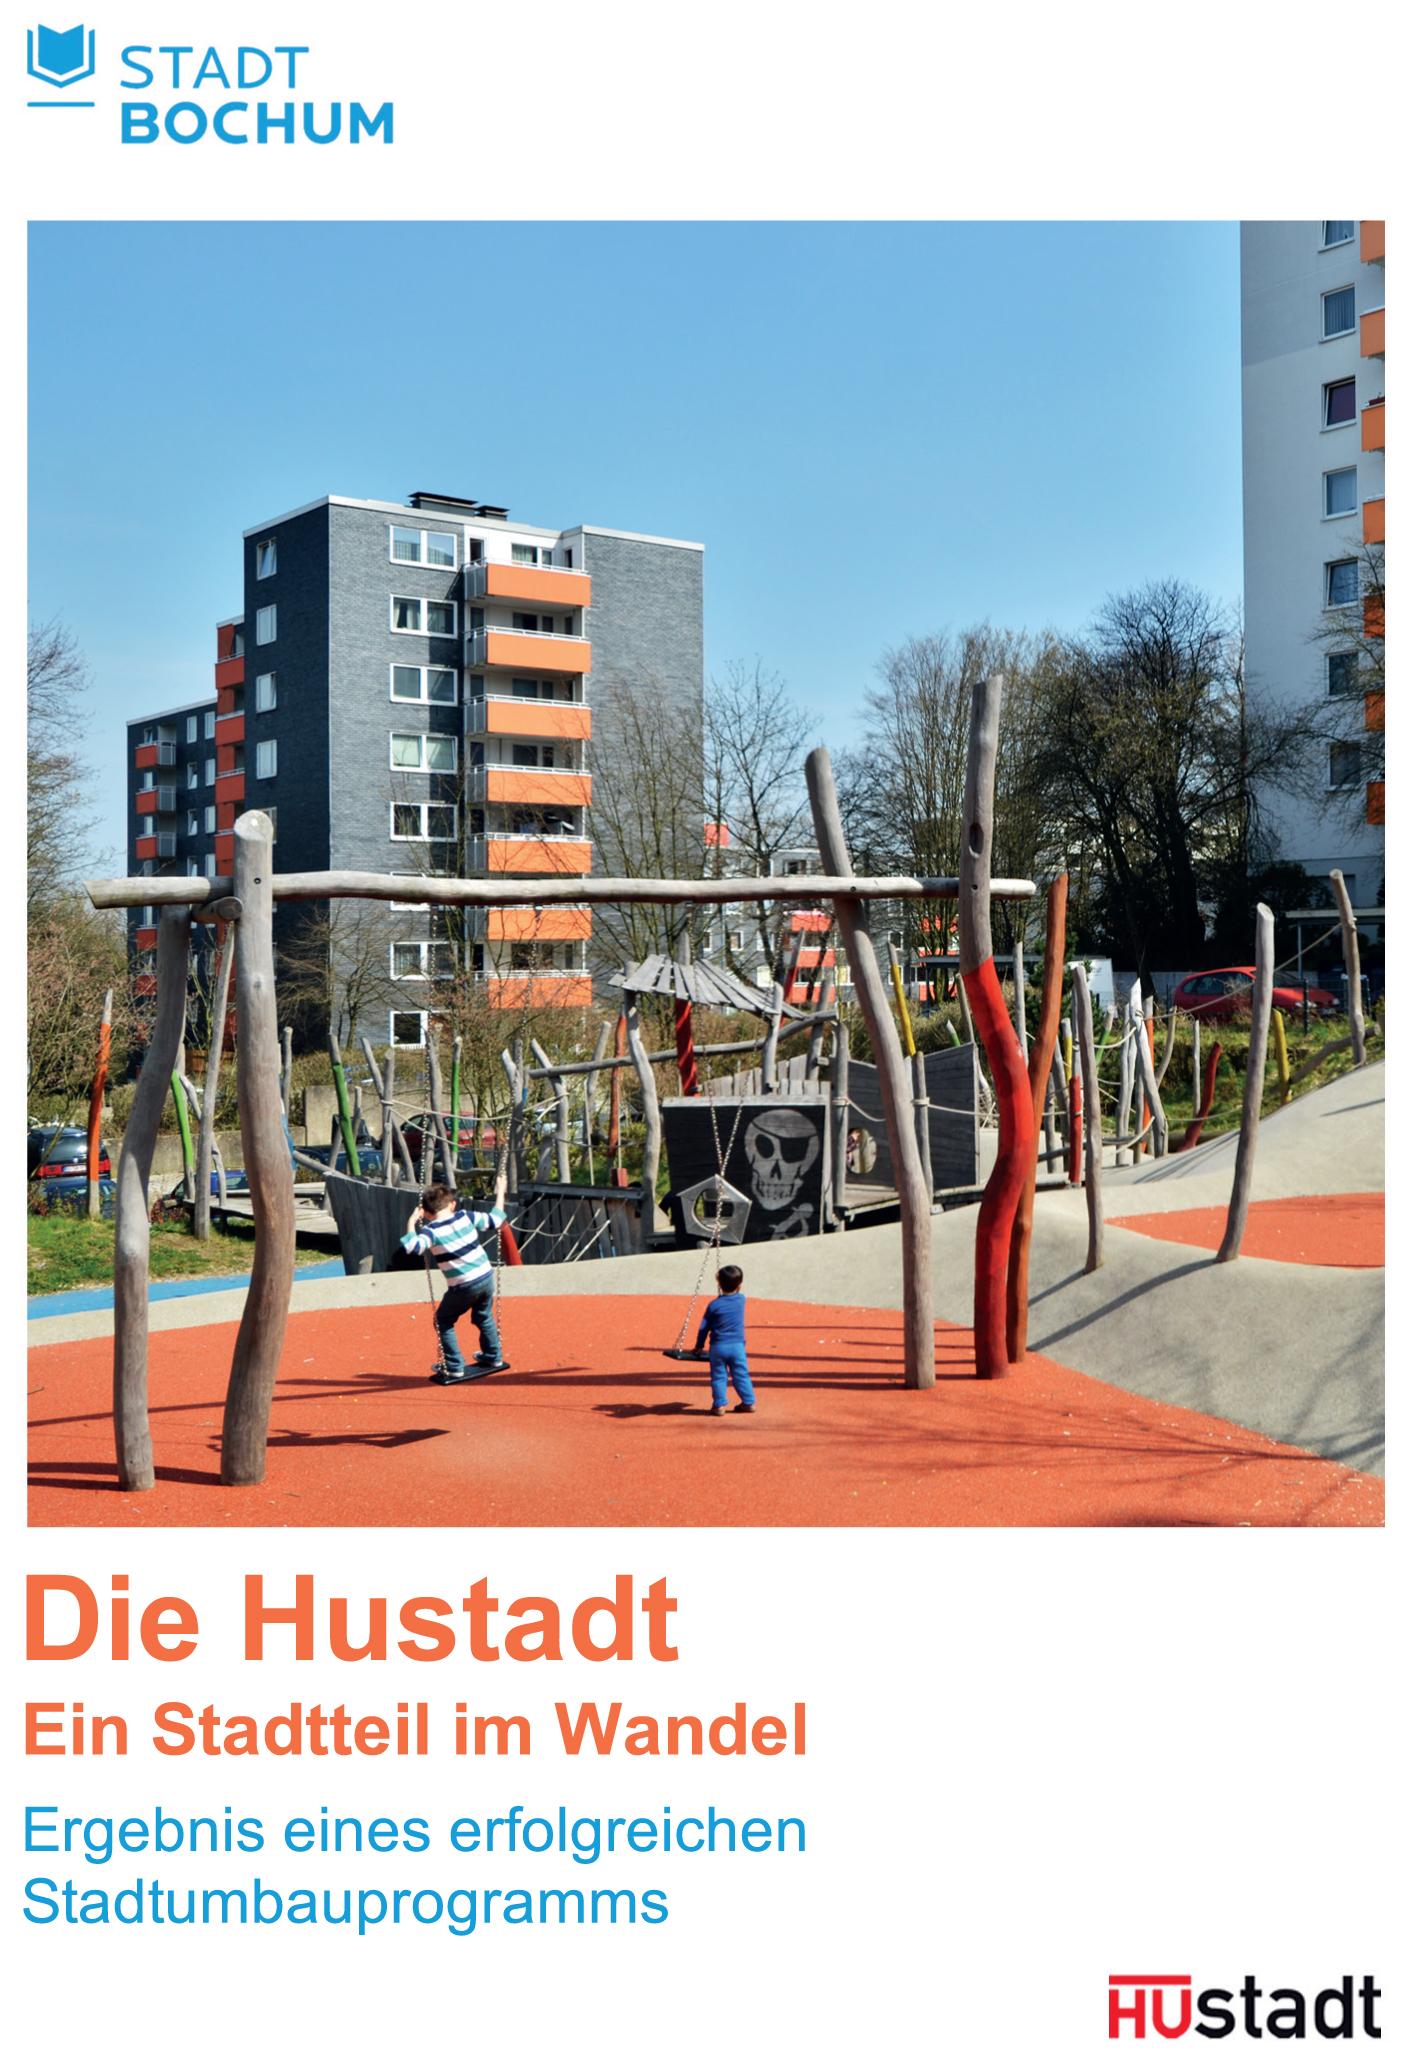 Imagefilm Innere Hustadt – zum Film